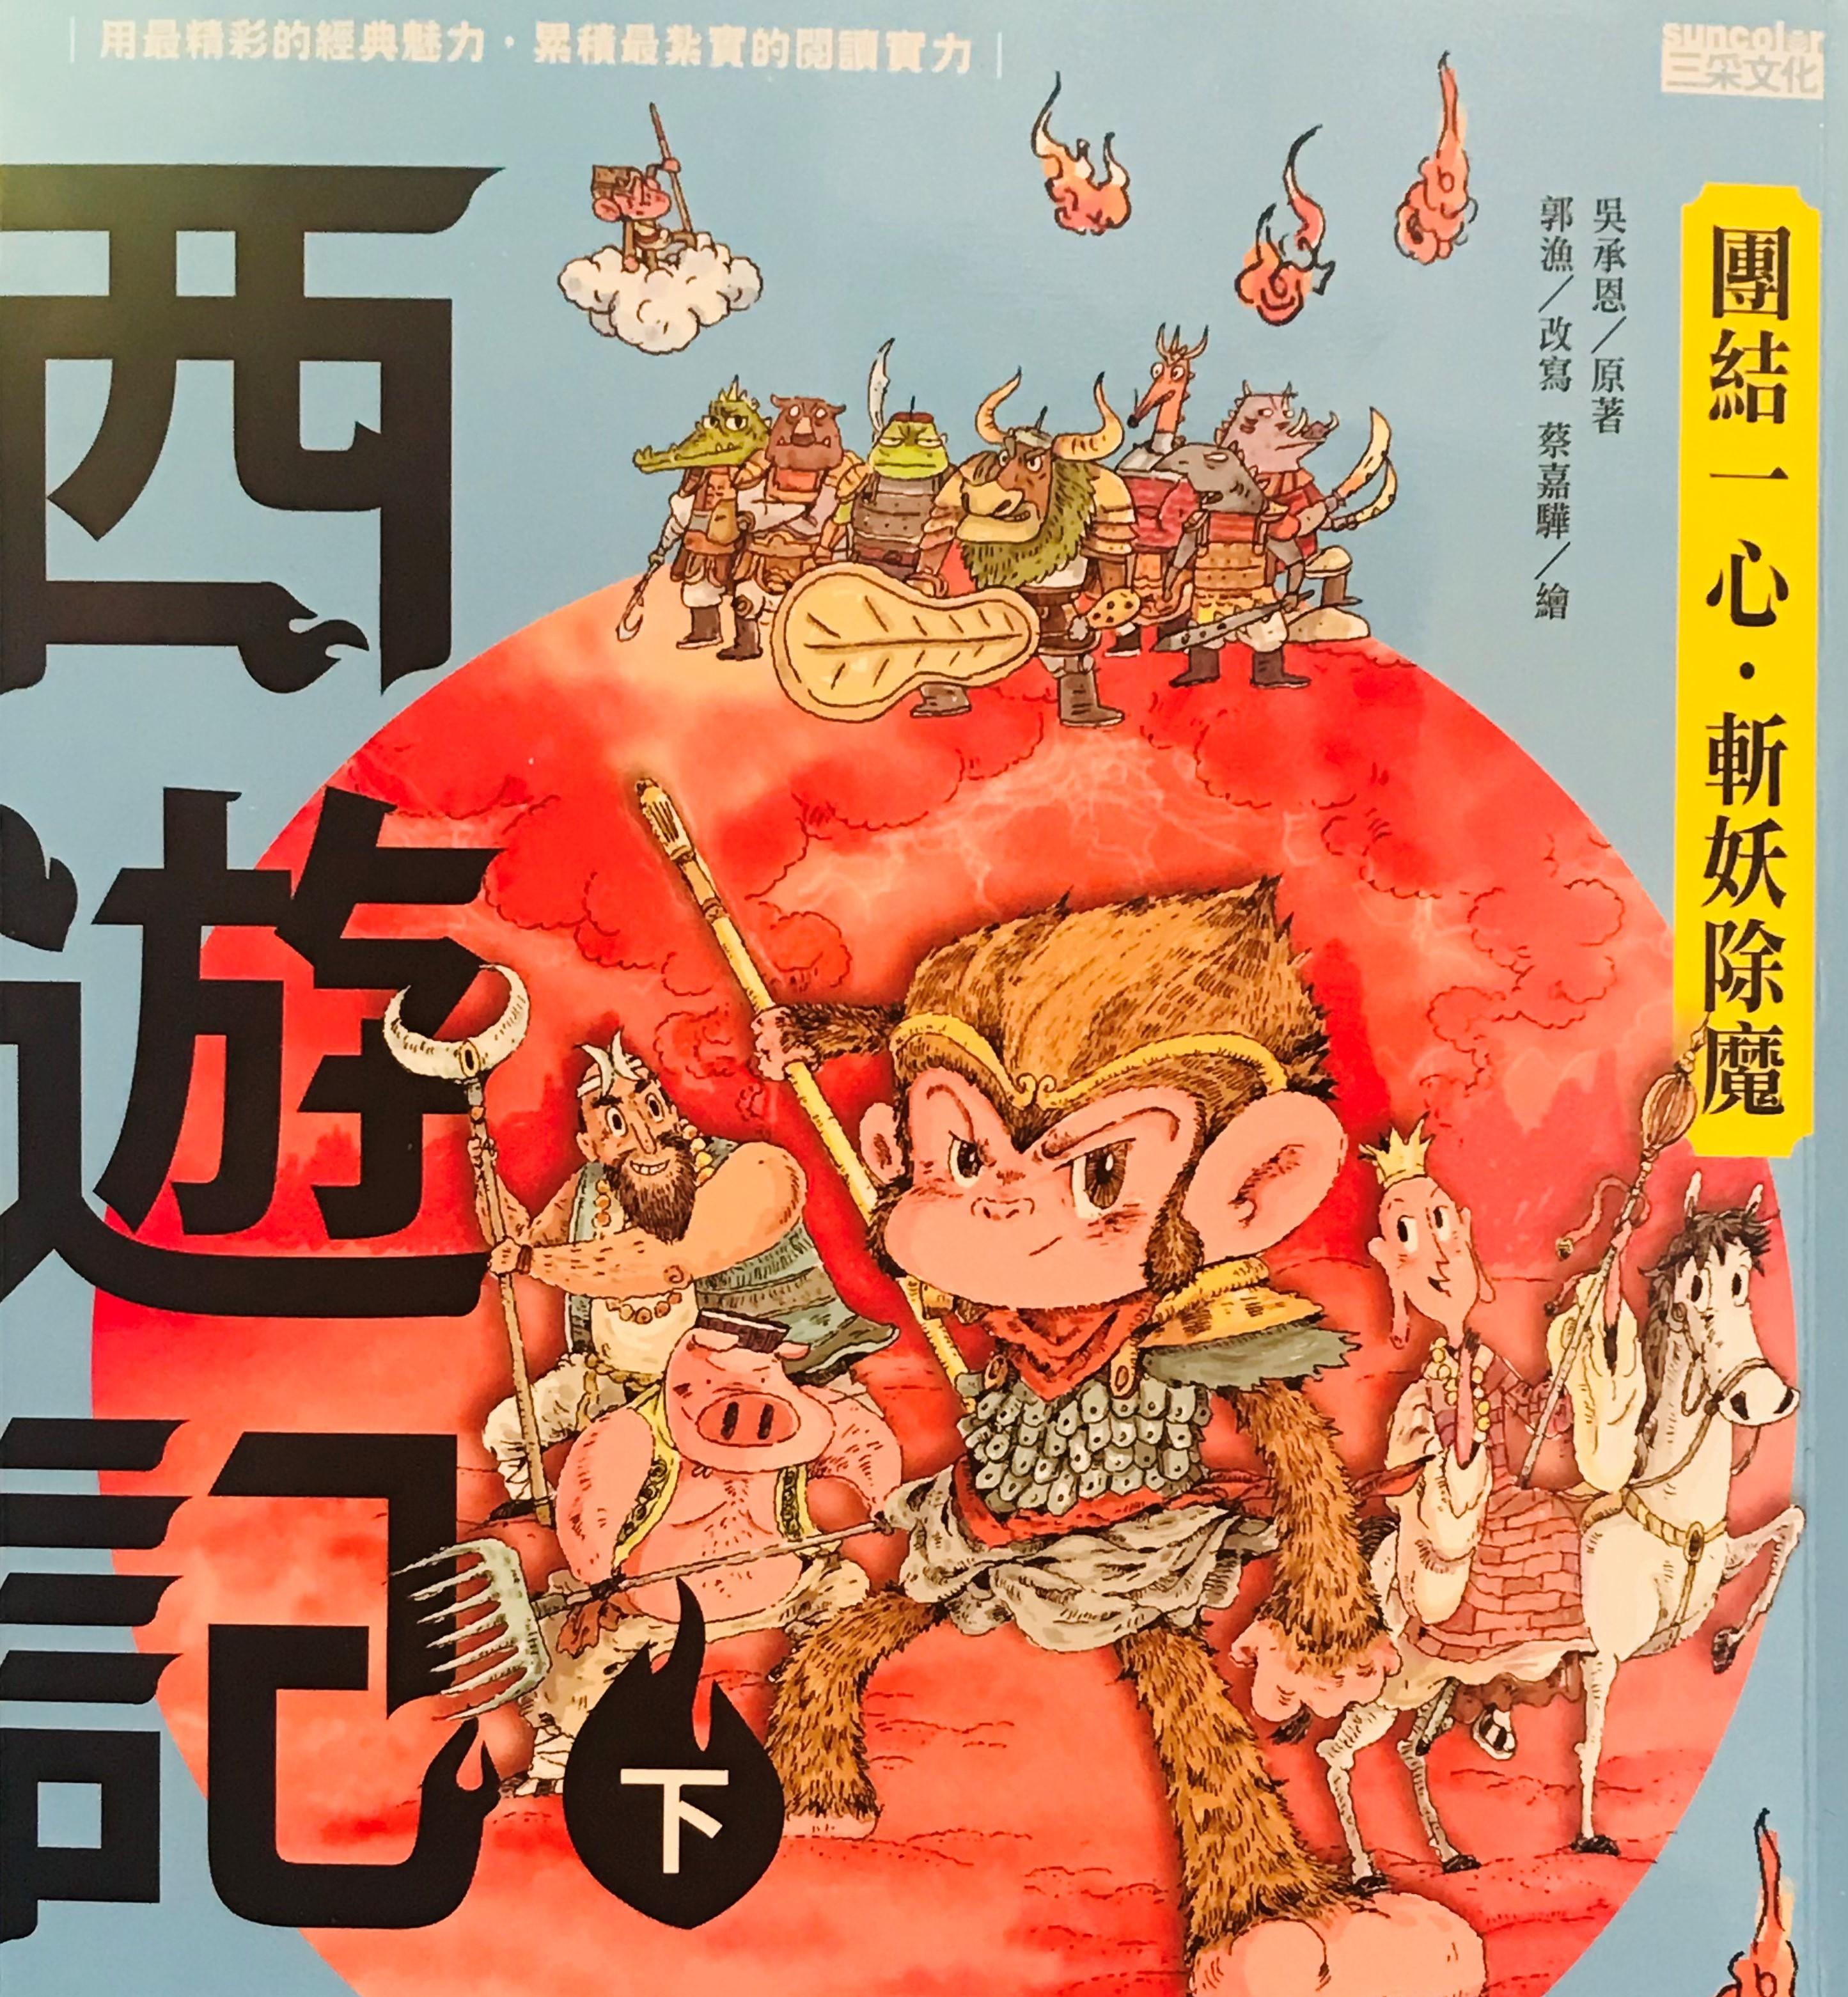 0711有故事-西遊記/金角銀角大王的神奇葫蘆(30分鐘)